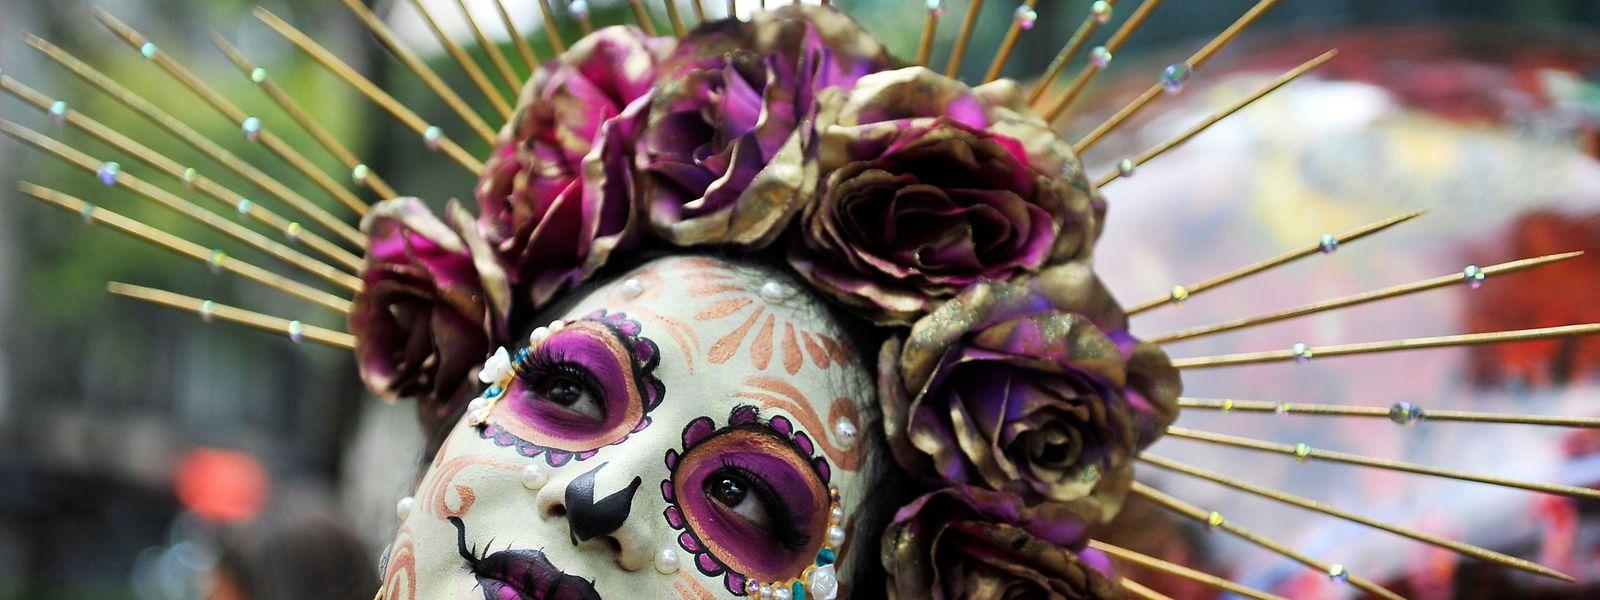 """Mexiko Stadt. Von wegen traurig: """"La Catrina"""", vom Zeichner Jose Guadalupe Posada erfunden, ist eine der Figuren, der Besucher beim traditionellen """"Día de Muertos"""" begegnen können."""